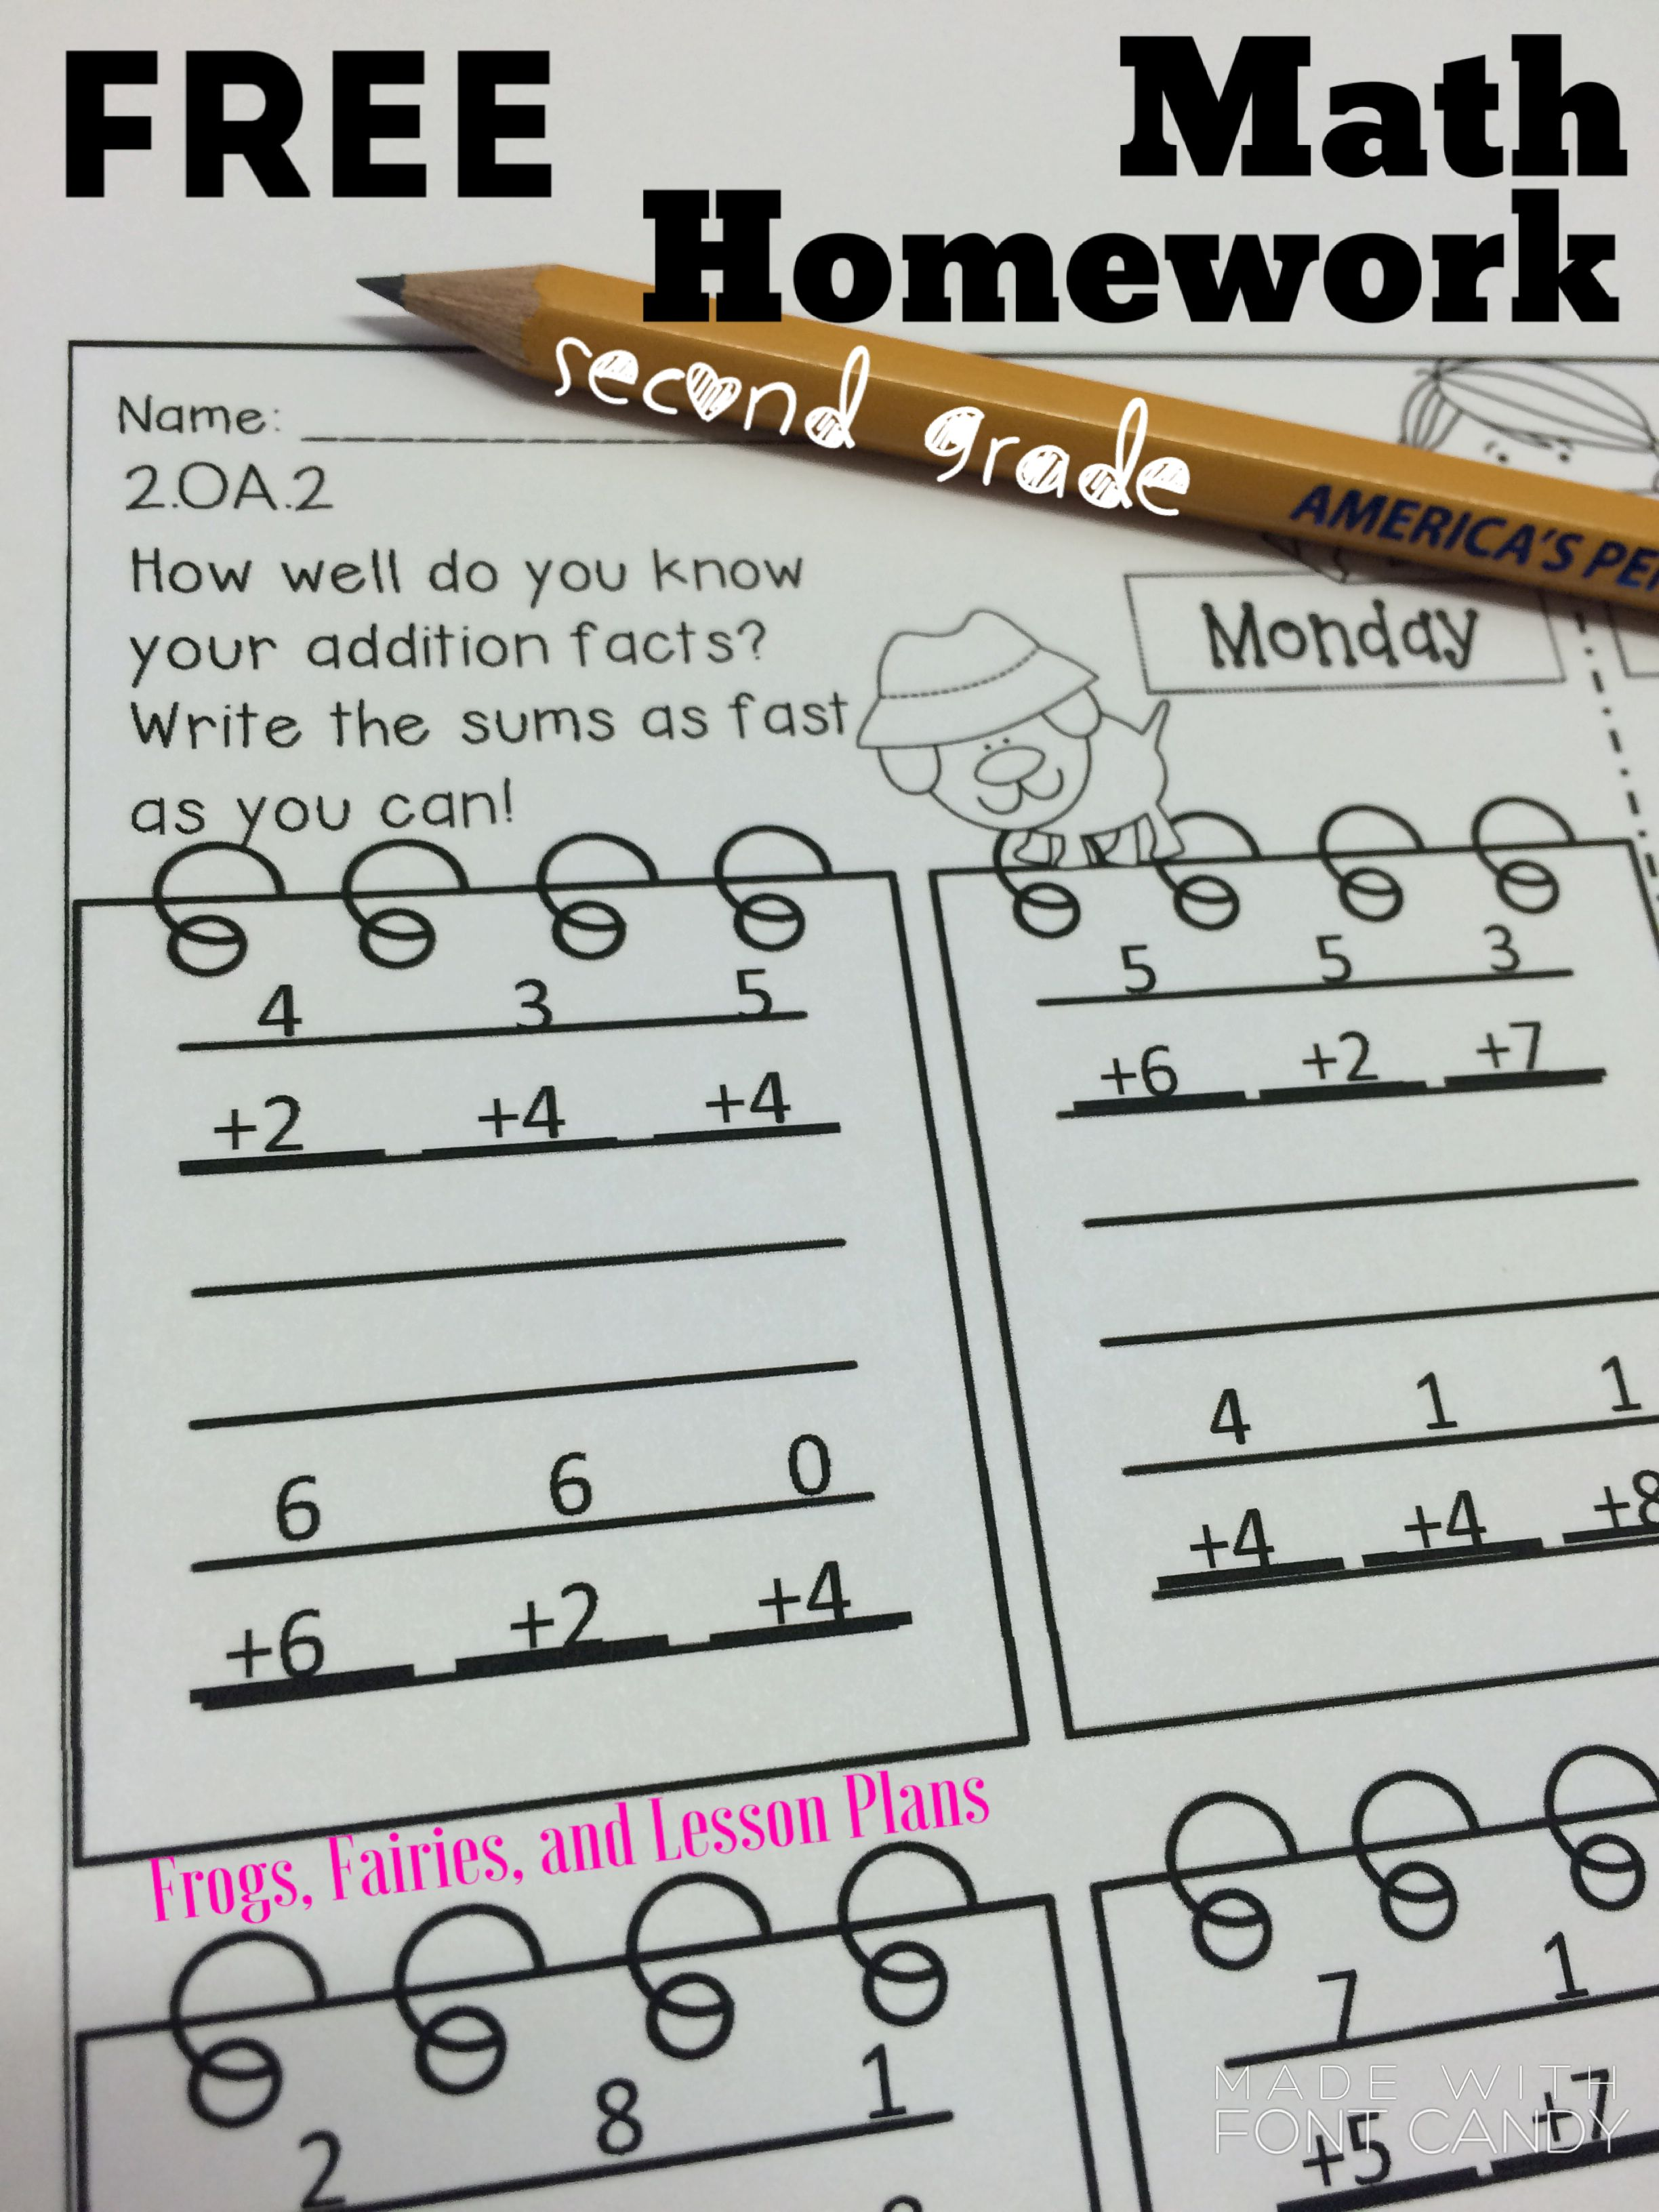 Math Homework For 2nd Grade